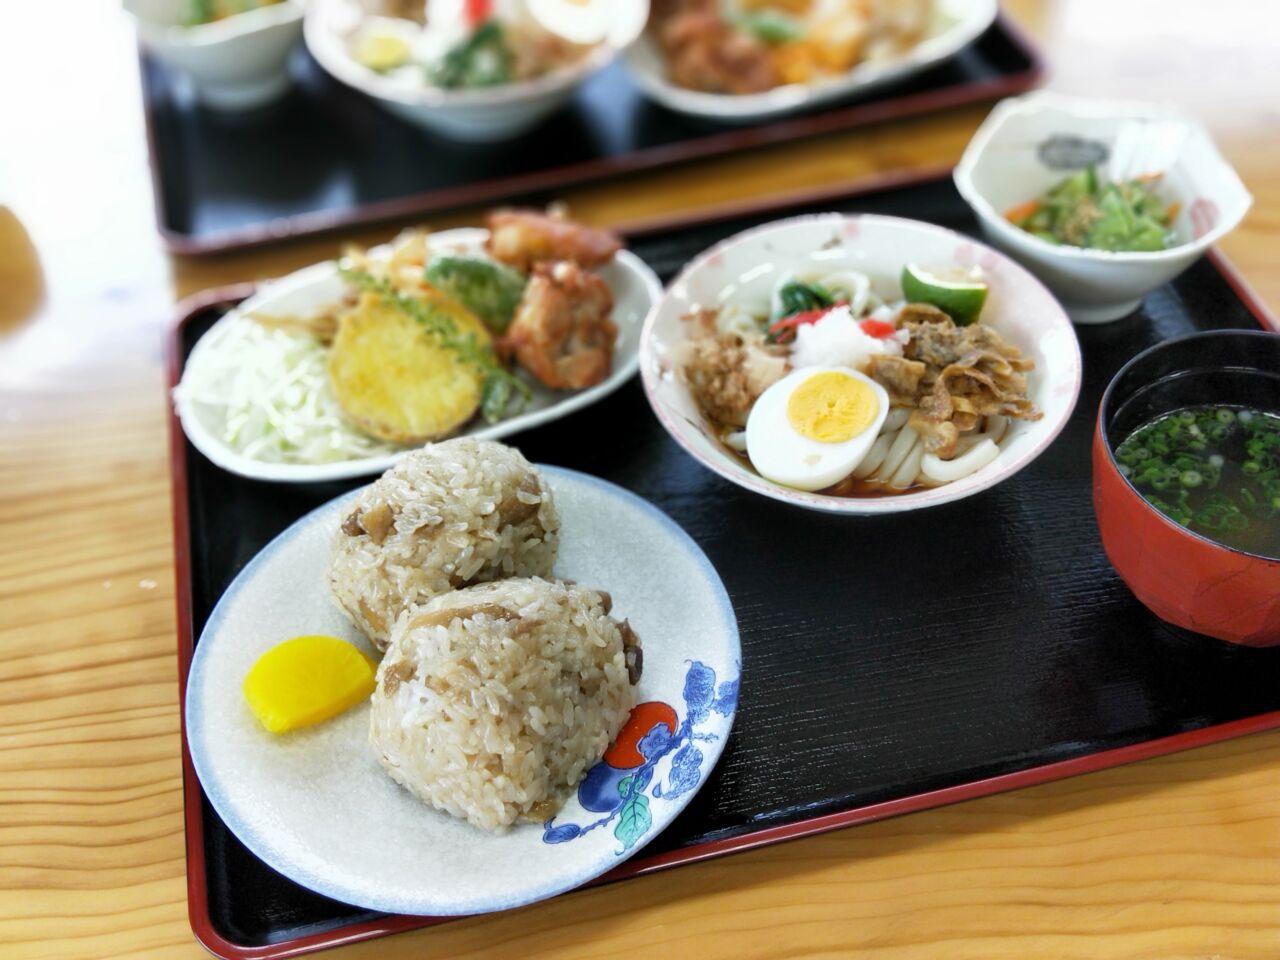 吉野鶏めし保存会 (大分市・鶏めし)